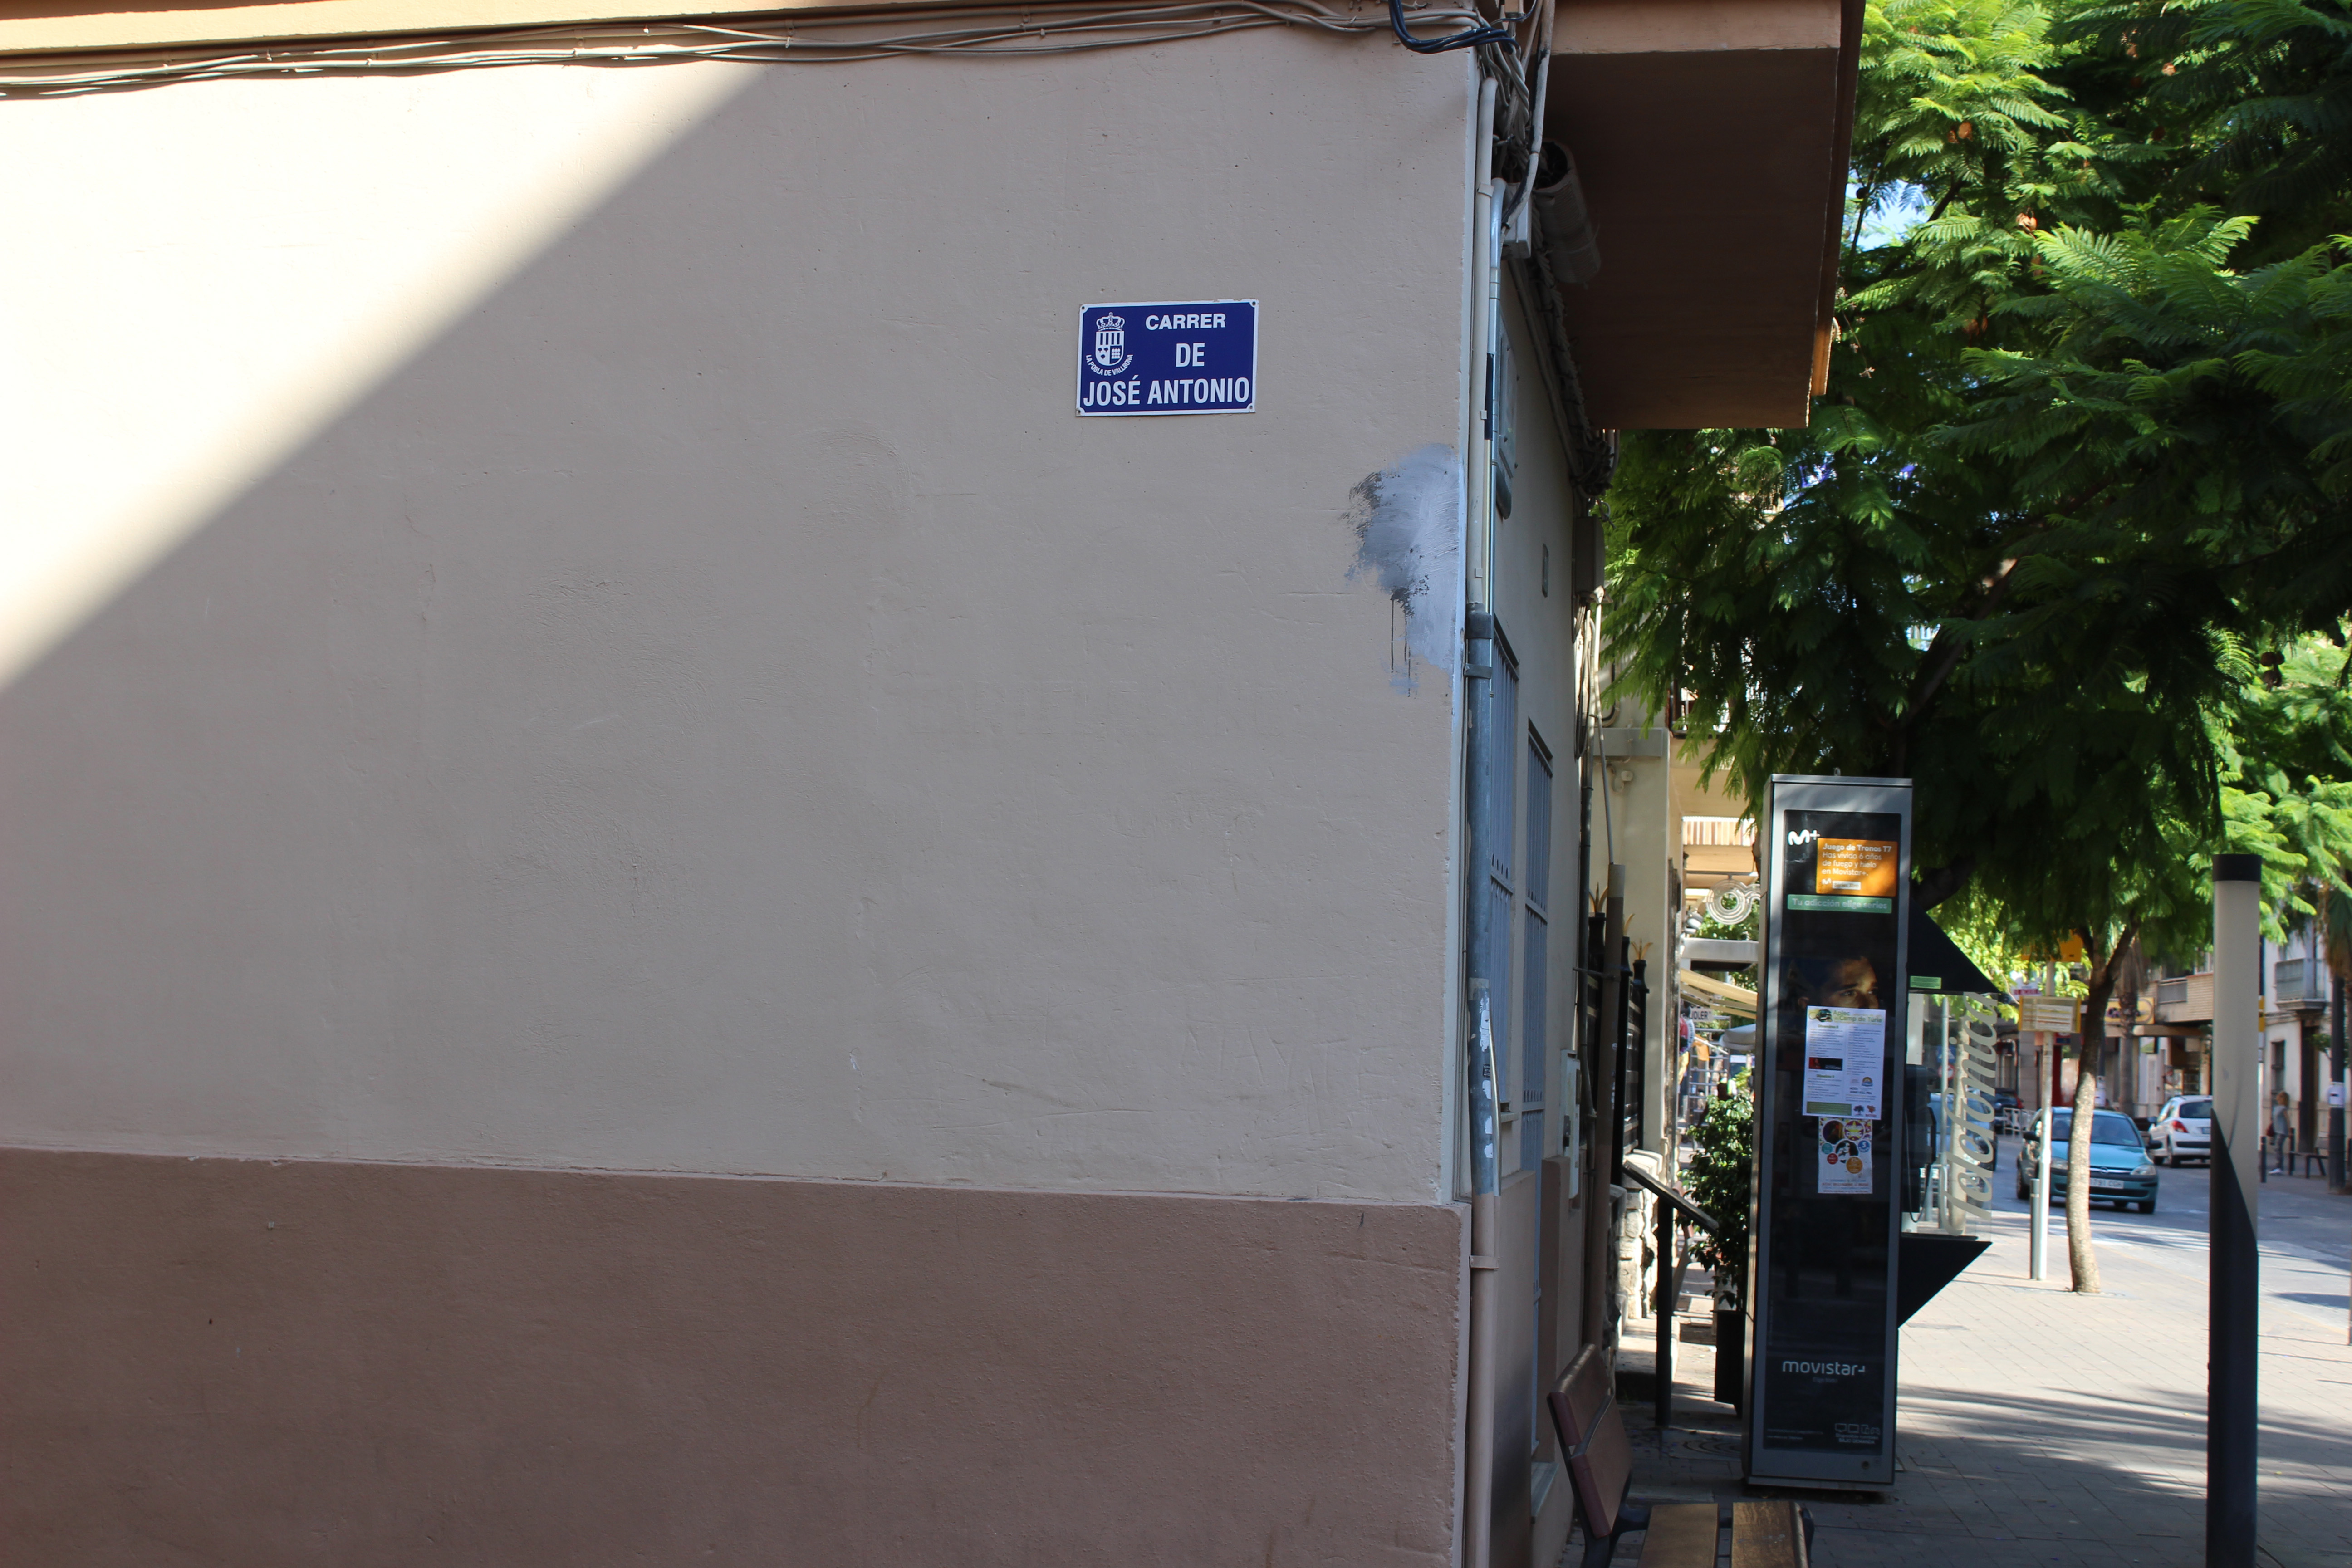 El municipi realitzarà un procés participatiu per elegir els noms dels carrers.